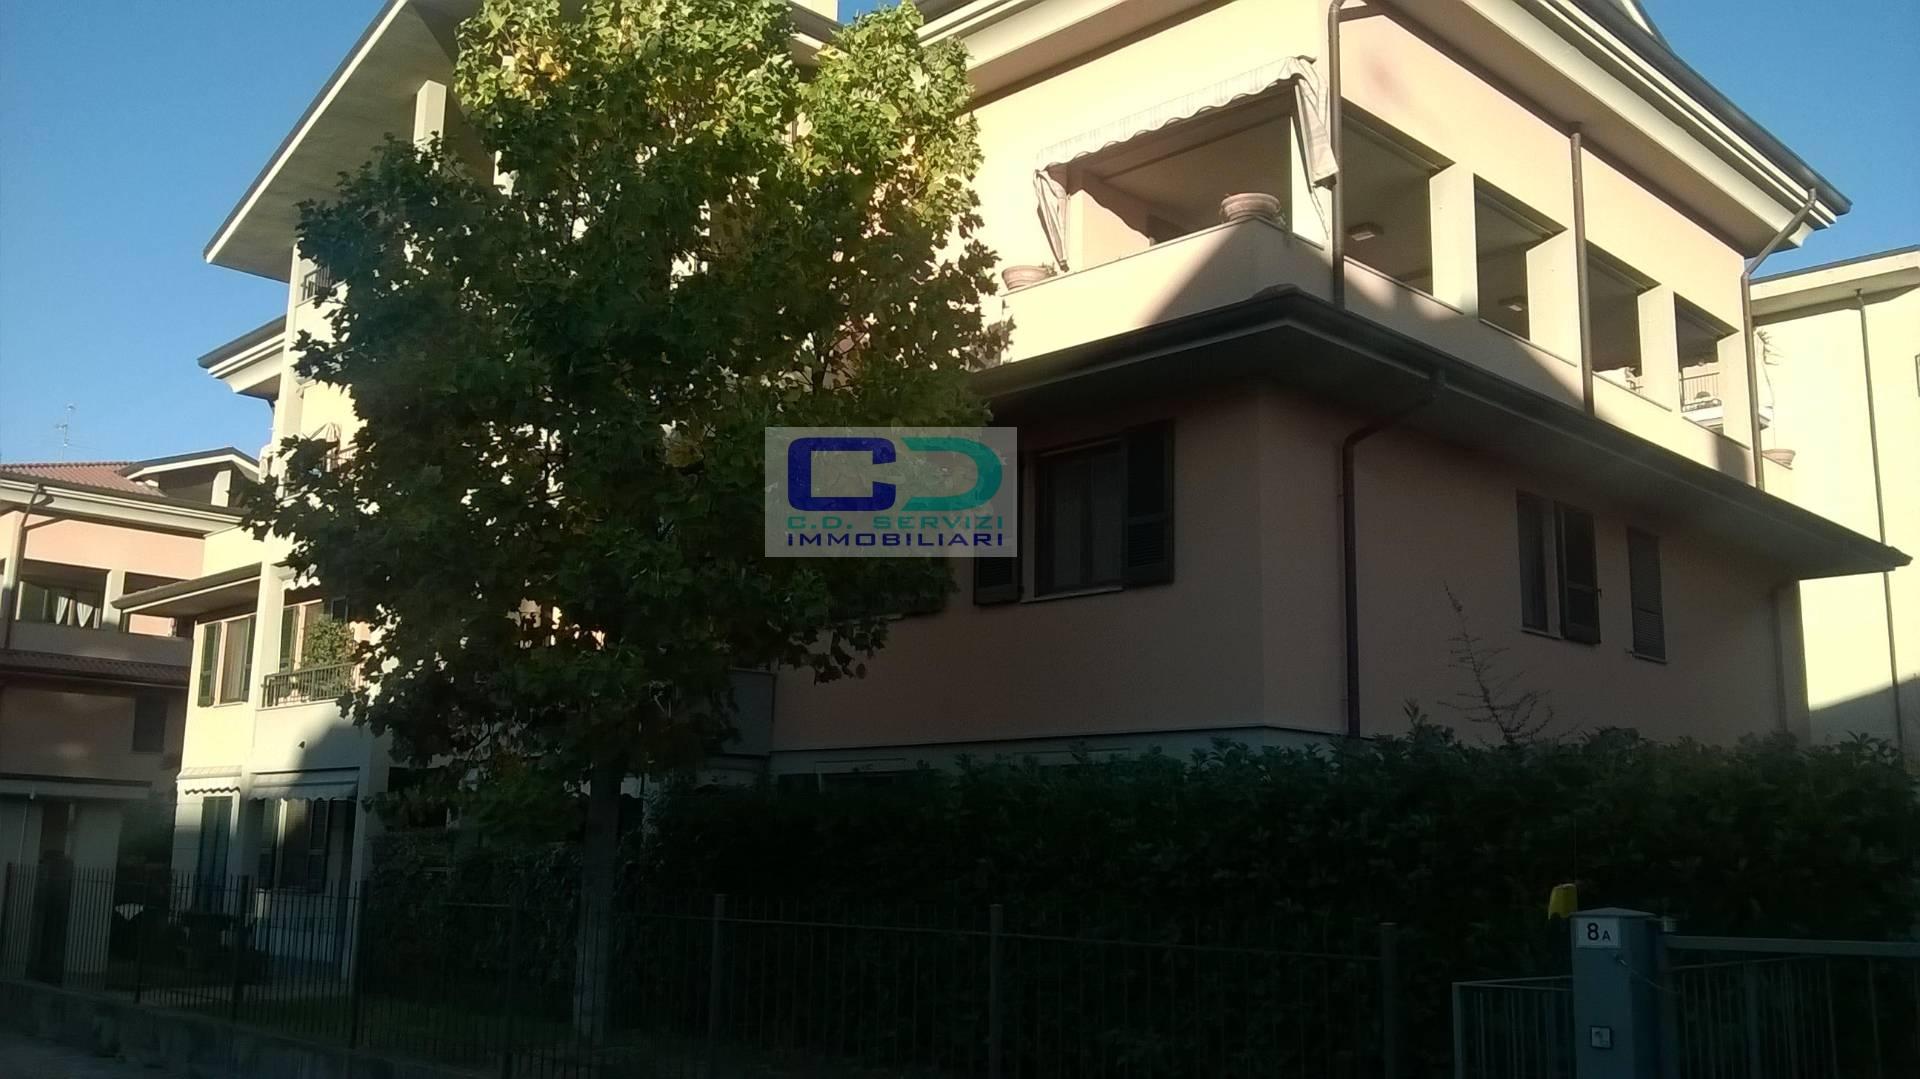 Appartamento in affitto a Cassano d'Adda, 2 locali, prezzo € 550 | CambioCasa.it